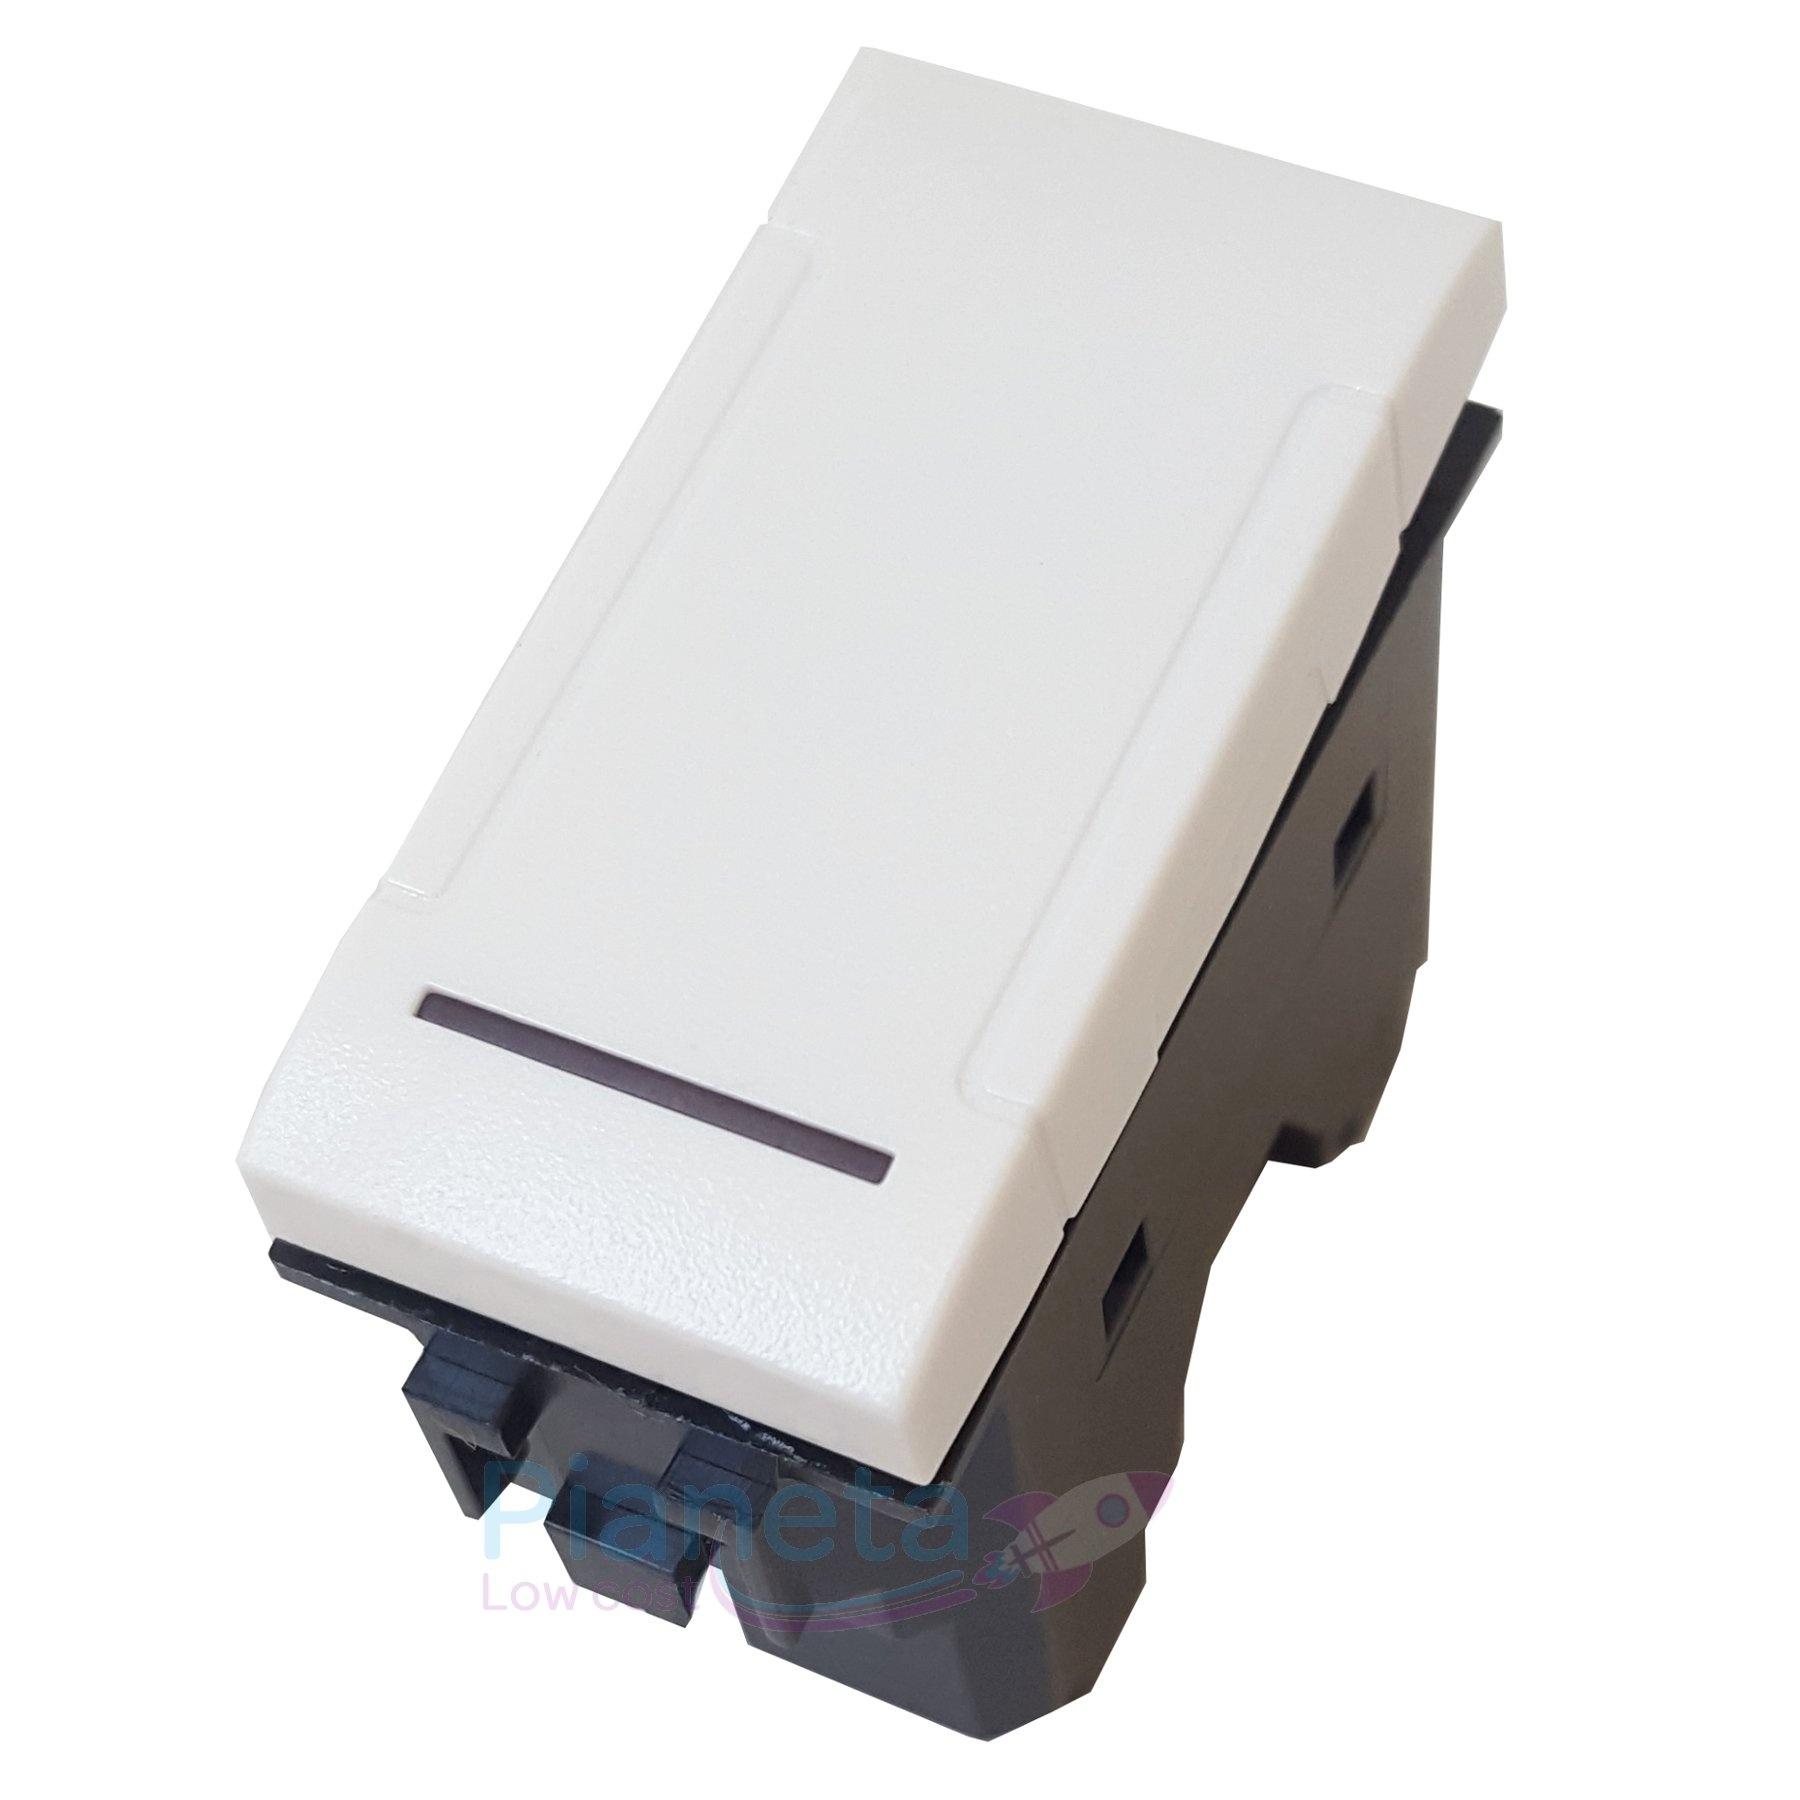 Interruttori prese pulsanti bianca frutti compatibili bticino living light e int ebay - Interruttori living light ...